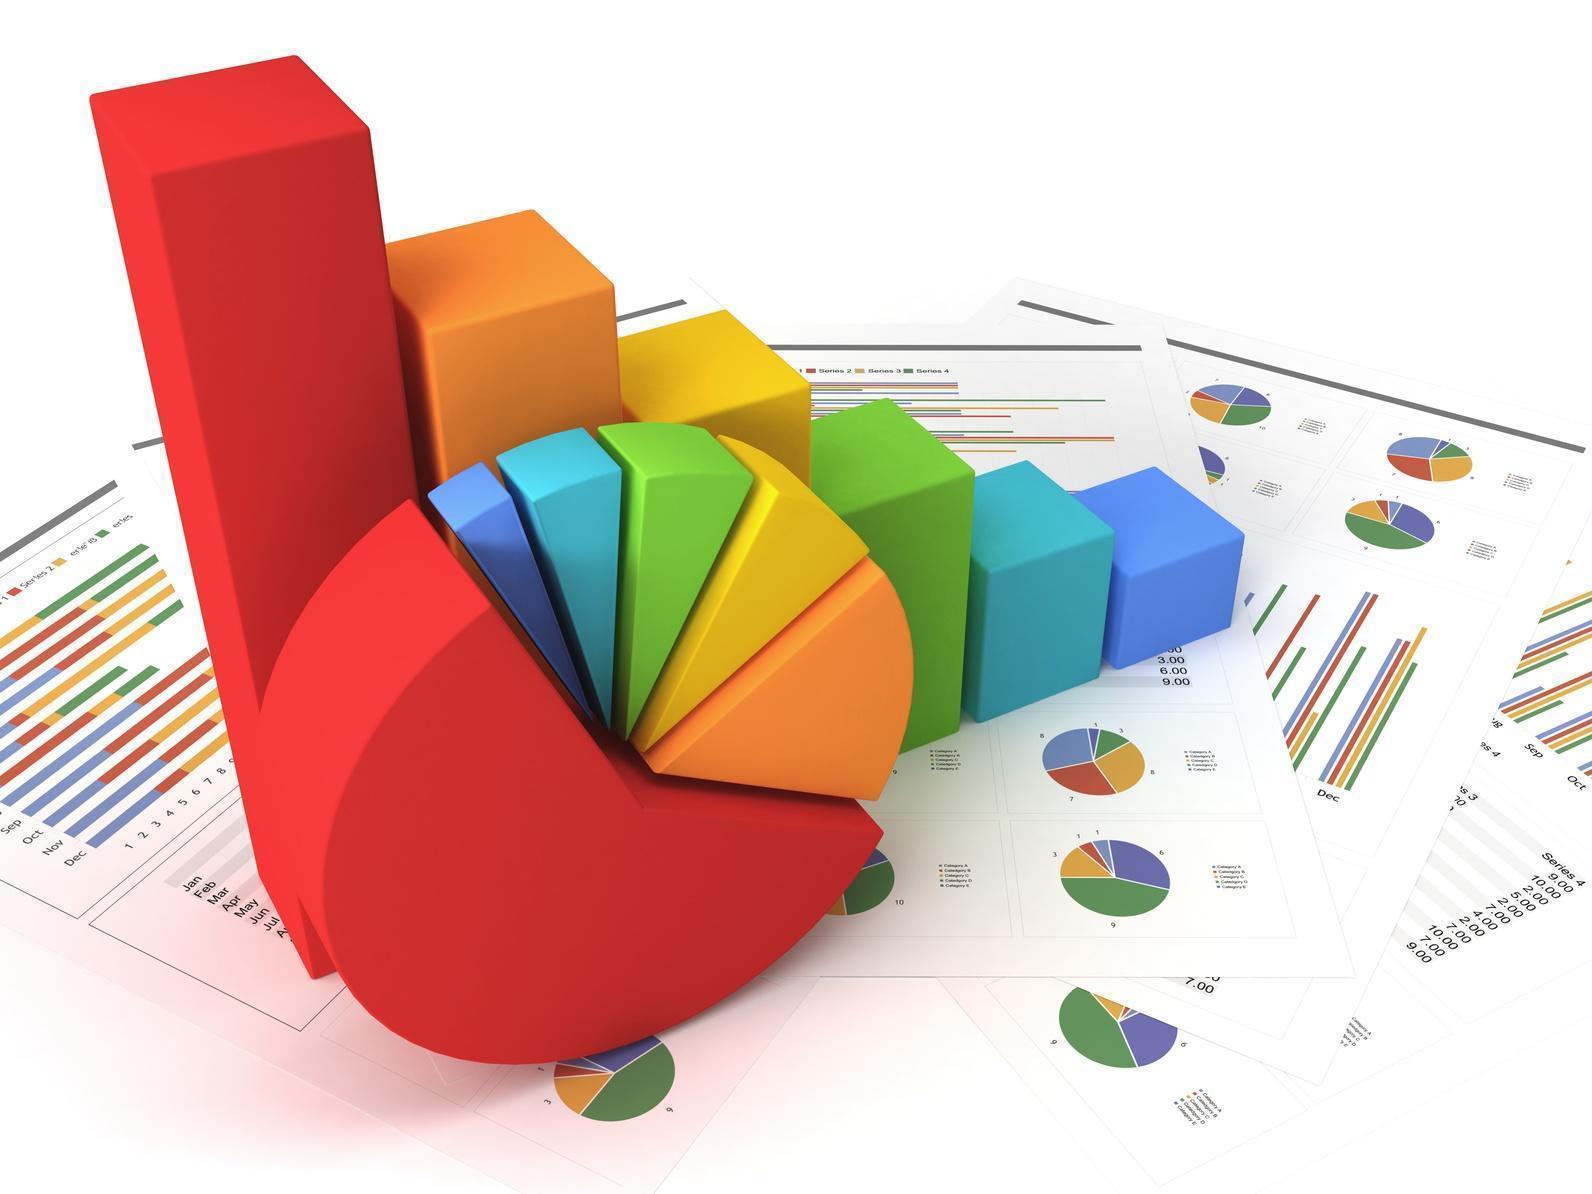 厚労省、国保保険者インセンティブ評価指標の変更案を通知